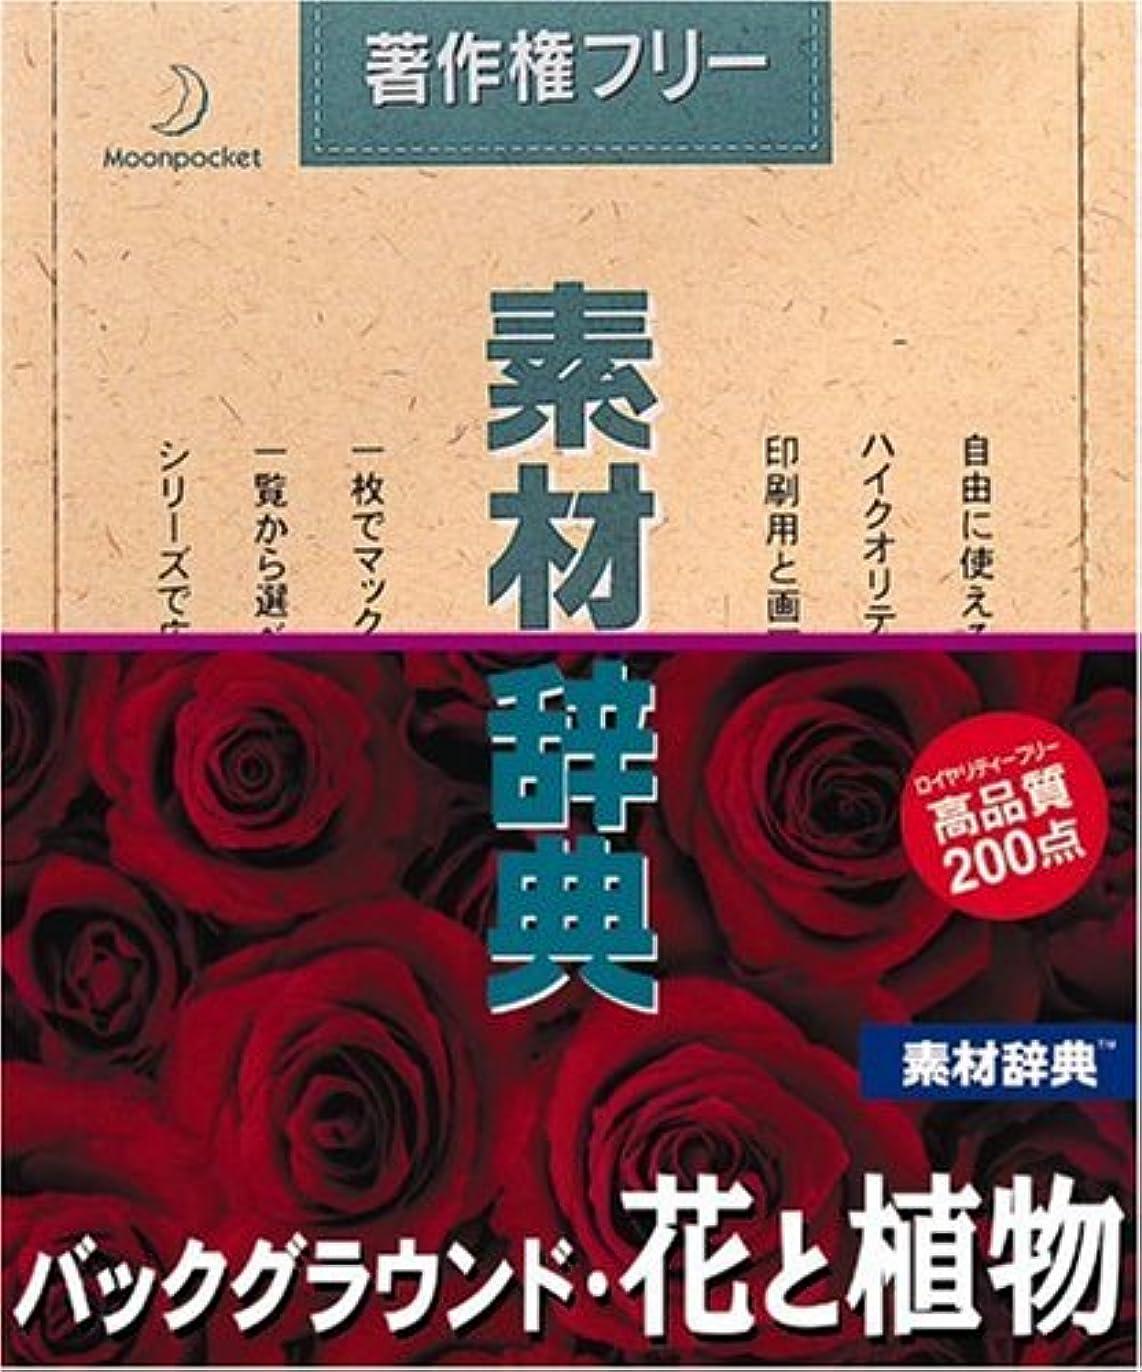 リンスインシデントブラシ素材辞典 Vol.91 バックグラウンド?花と植物編